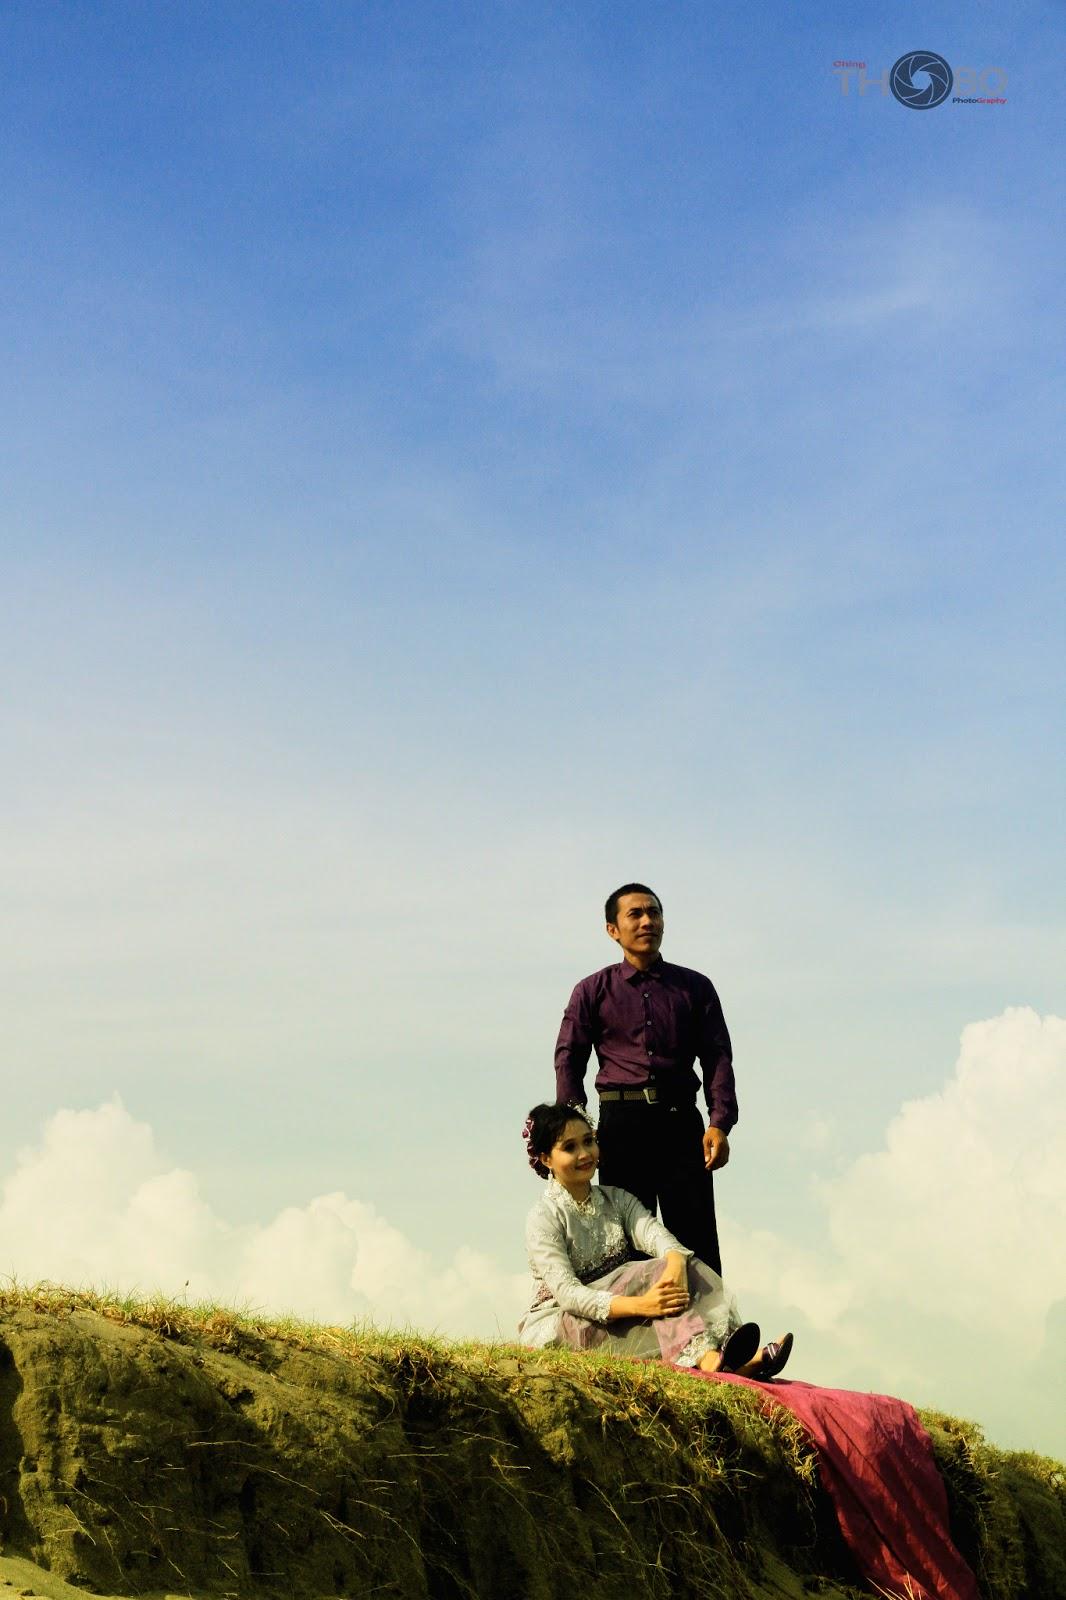 Foto Prewedding Jogja Dengan Lokasi Alam Dan Pegunungan: Thobo Art: Cara Membuat Foto Prewedding Unik